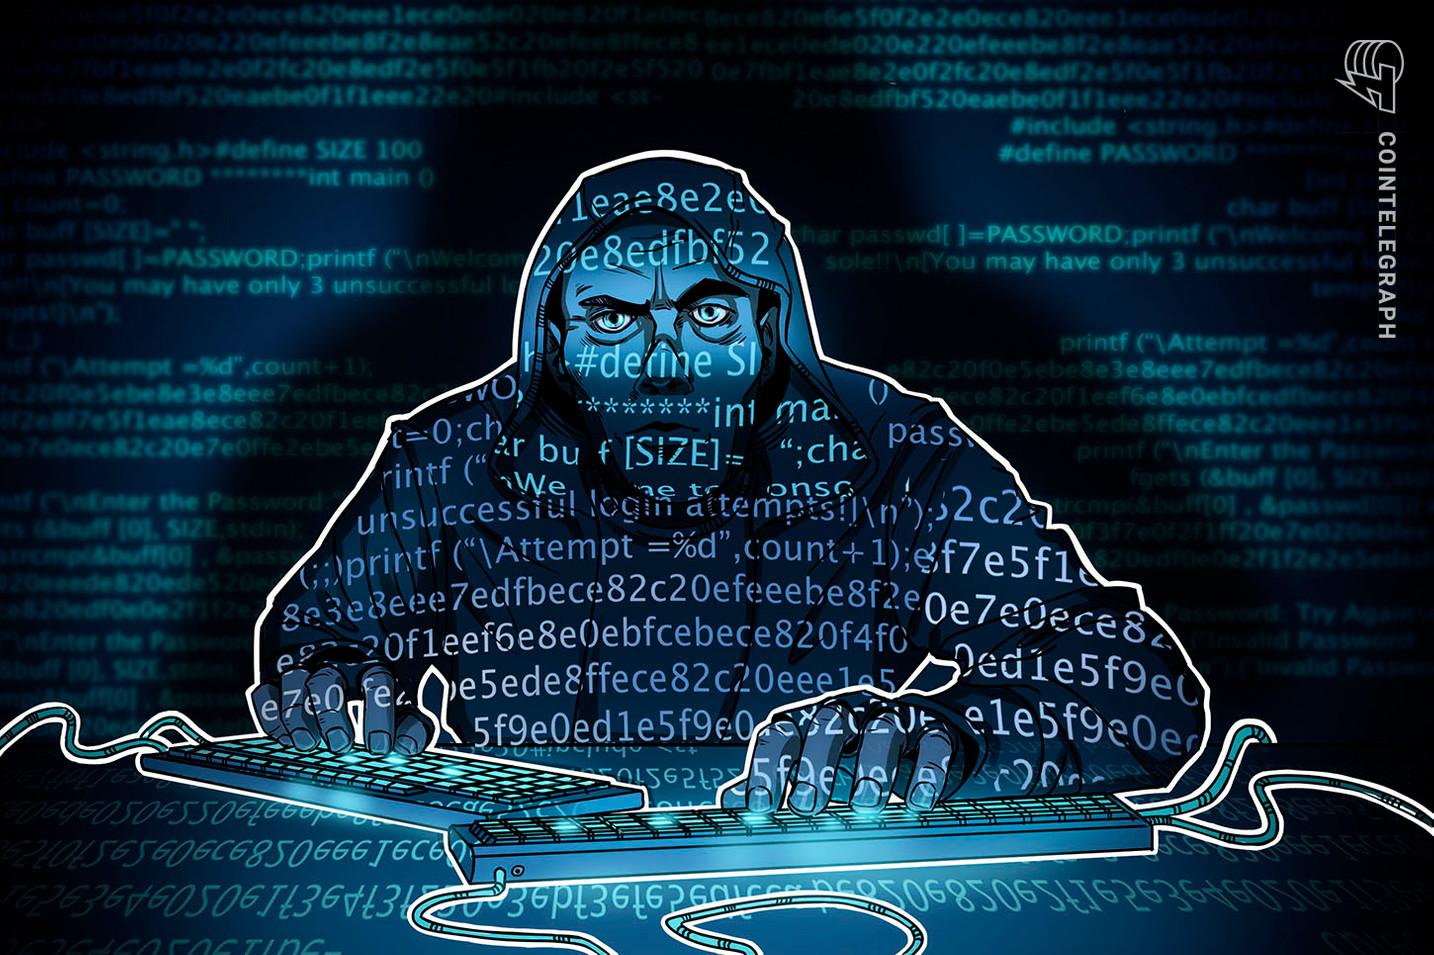 南ア・ヨハネスブルグ市、サイバー犯罪集団への仮想通貨支払いを拒否 不正入手データの身代金事件【ニュース】